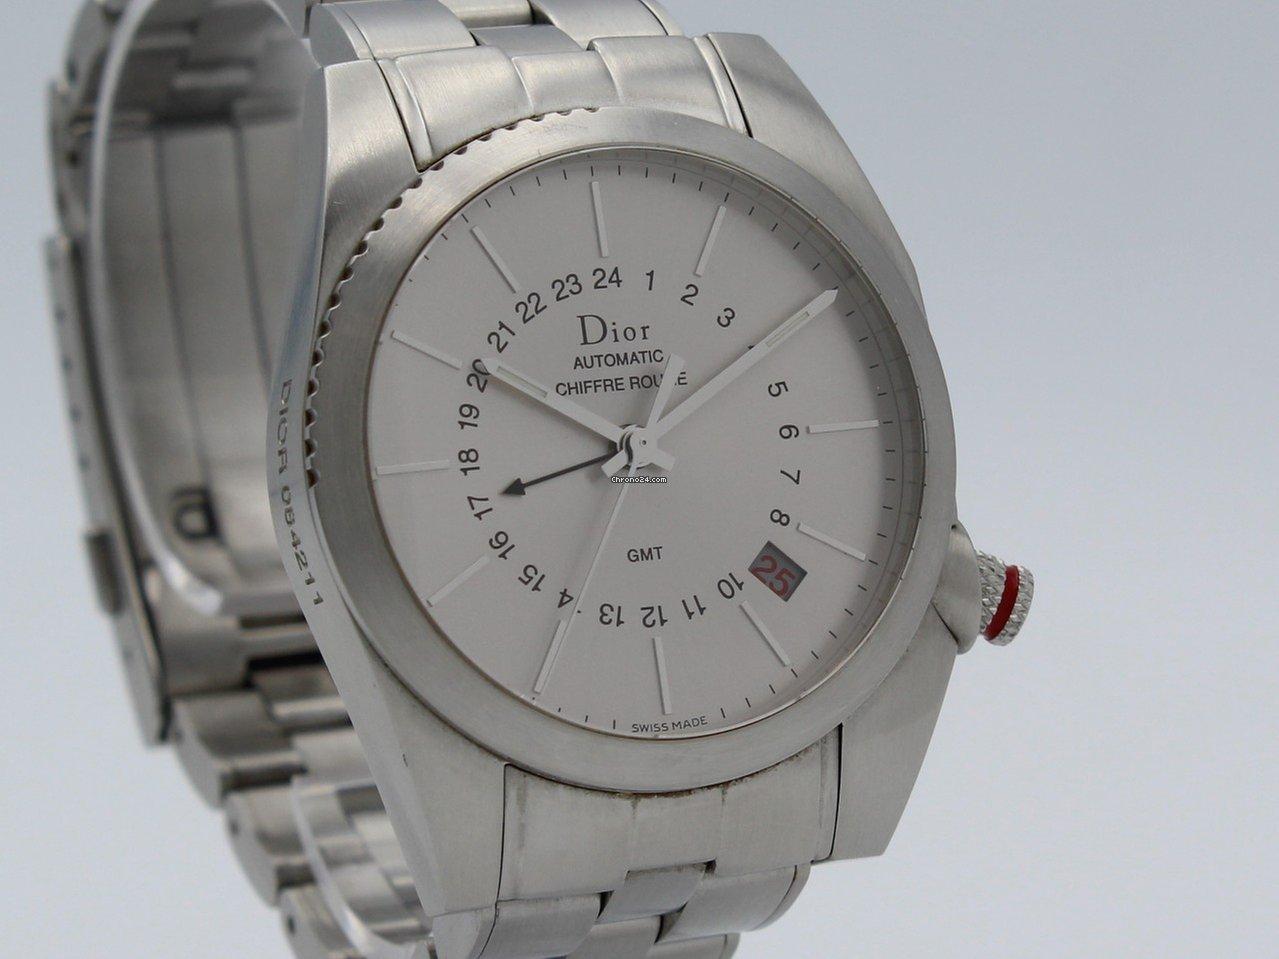 827ecf7c382 Dior Chiffre Rouge - Todos os preços de relógios Dior Chiffre Rouge na  Chrono24